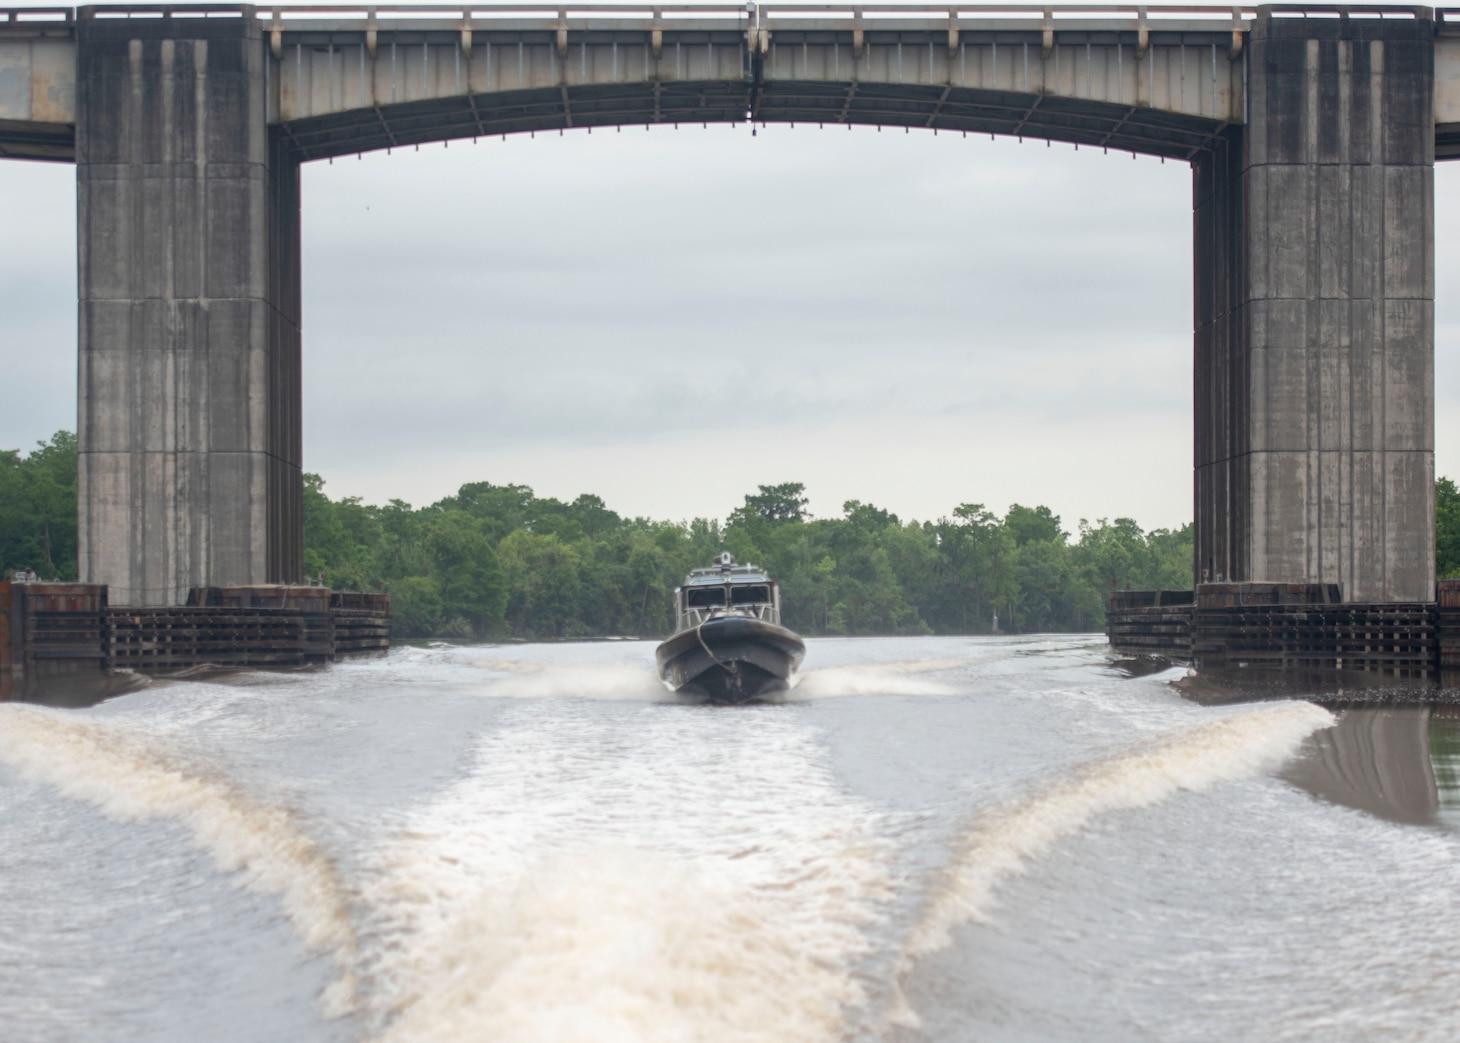 a boat transits a river under a bridge